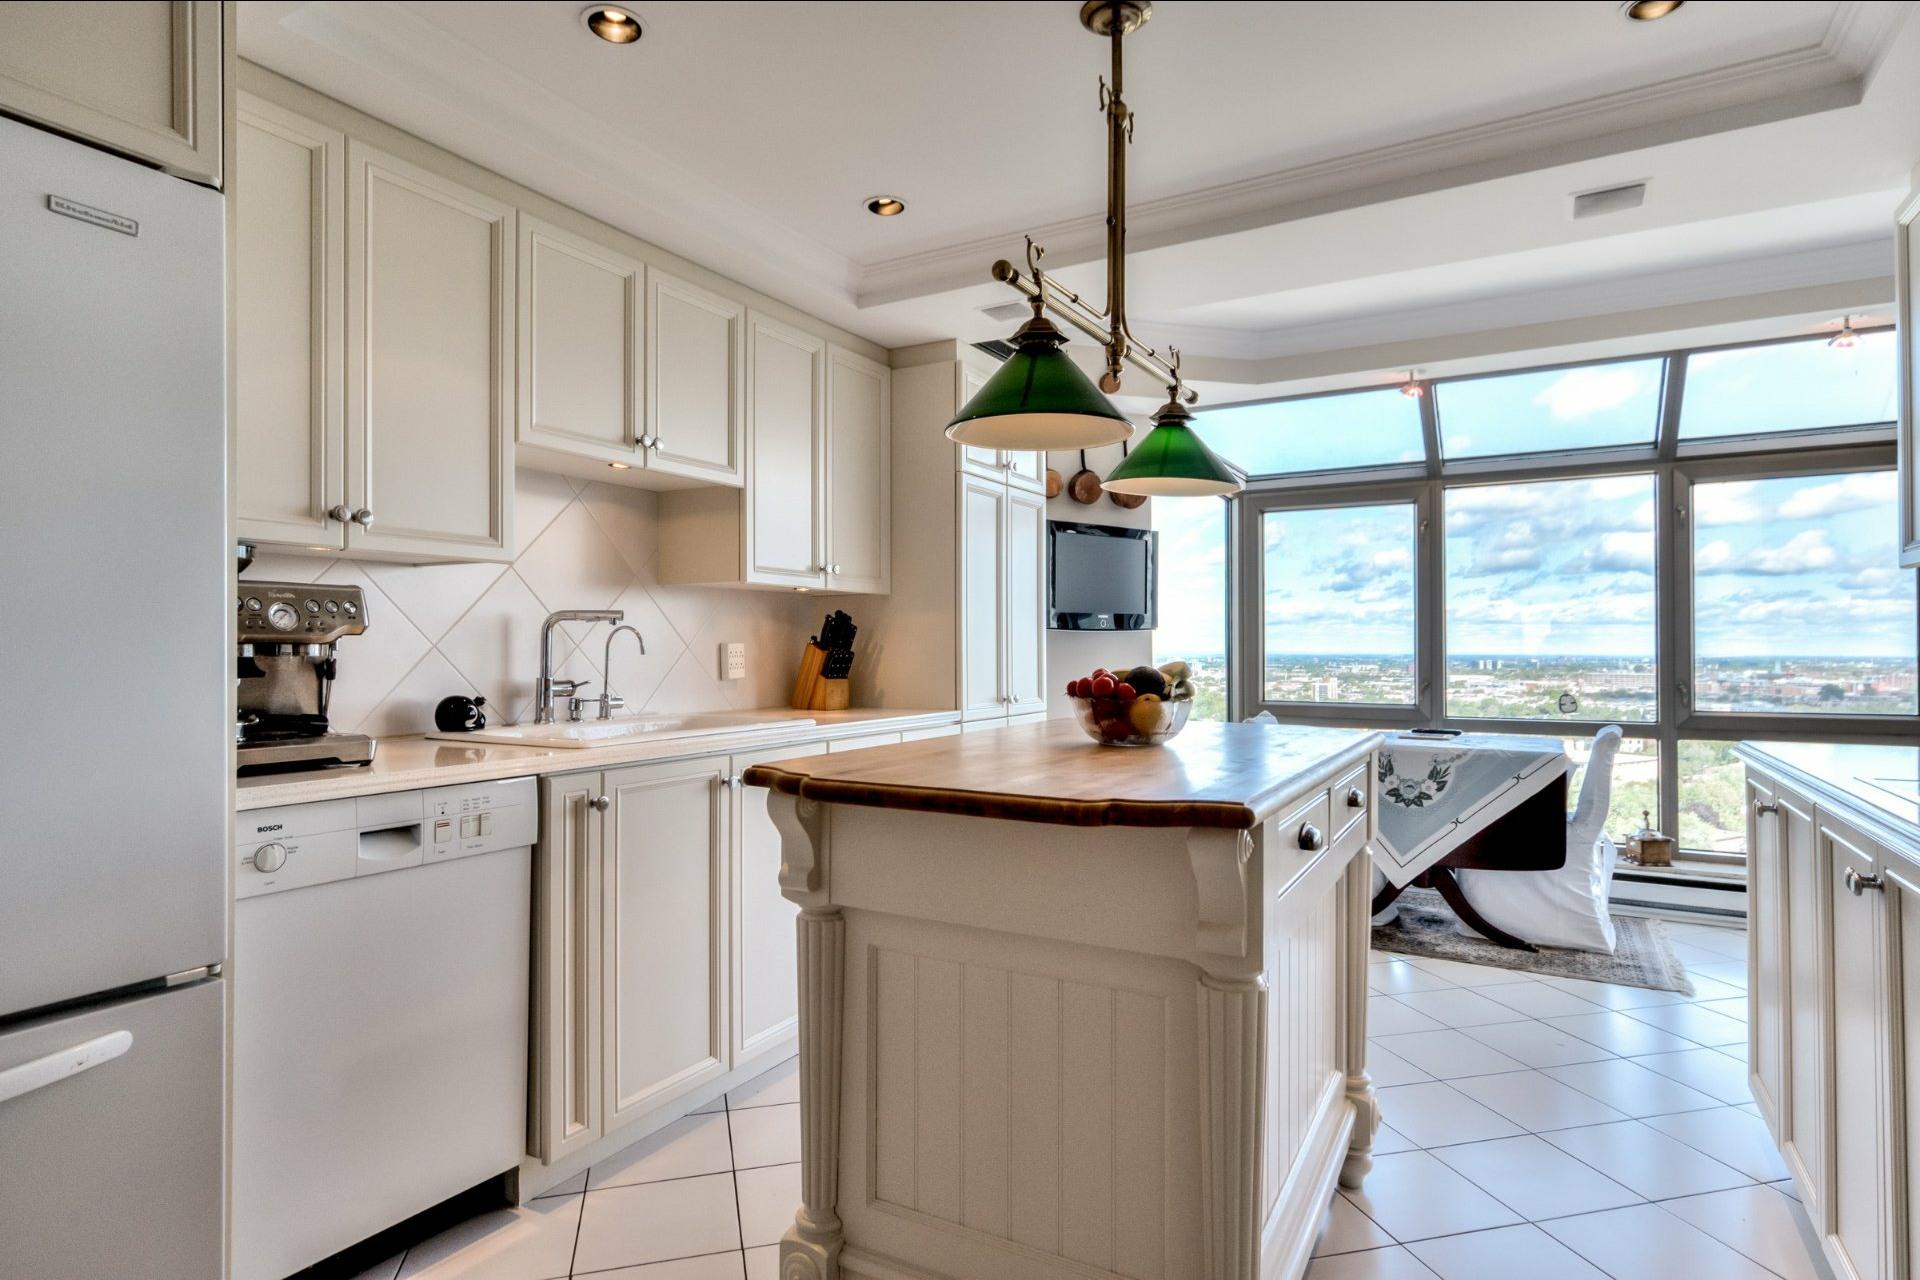 image 18 - 公寓 出售 Côte-des-Neiges/Notre-Dame-de-Grâce Montréal  - 12 室